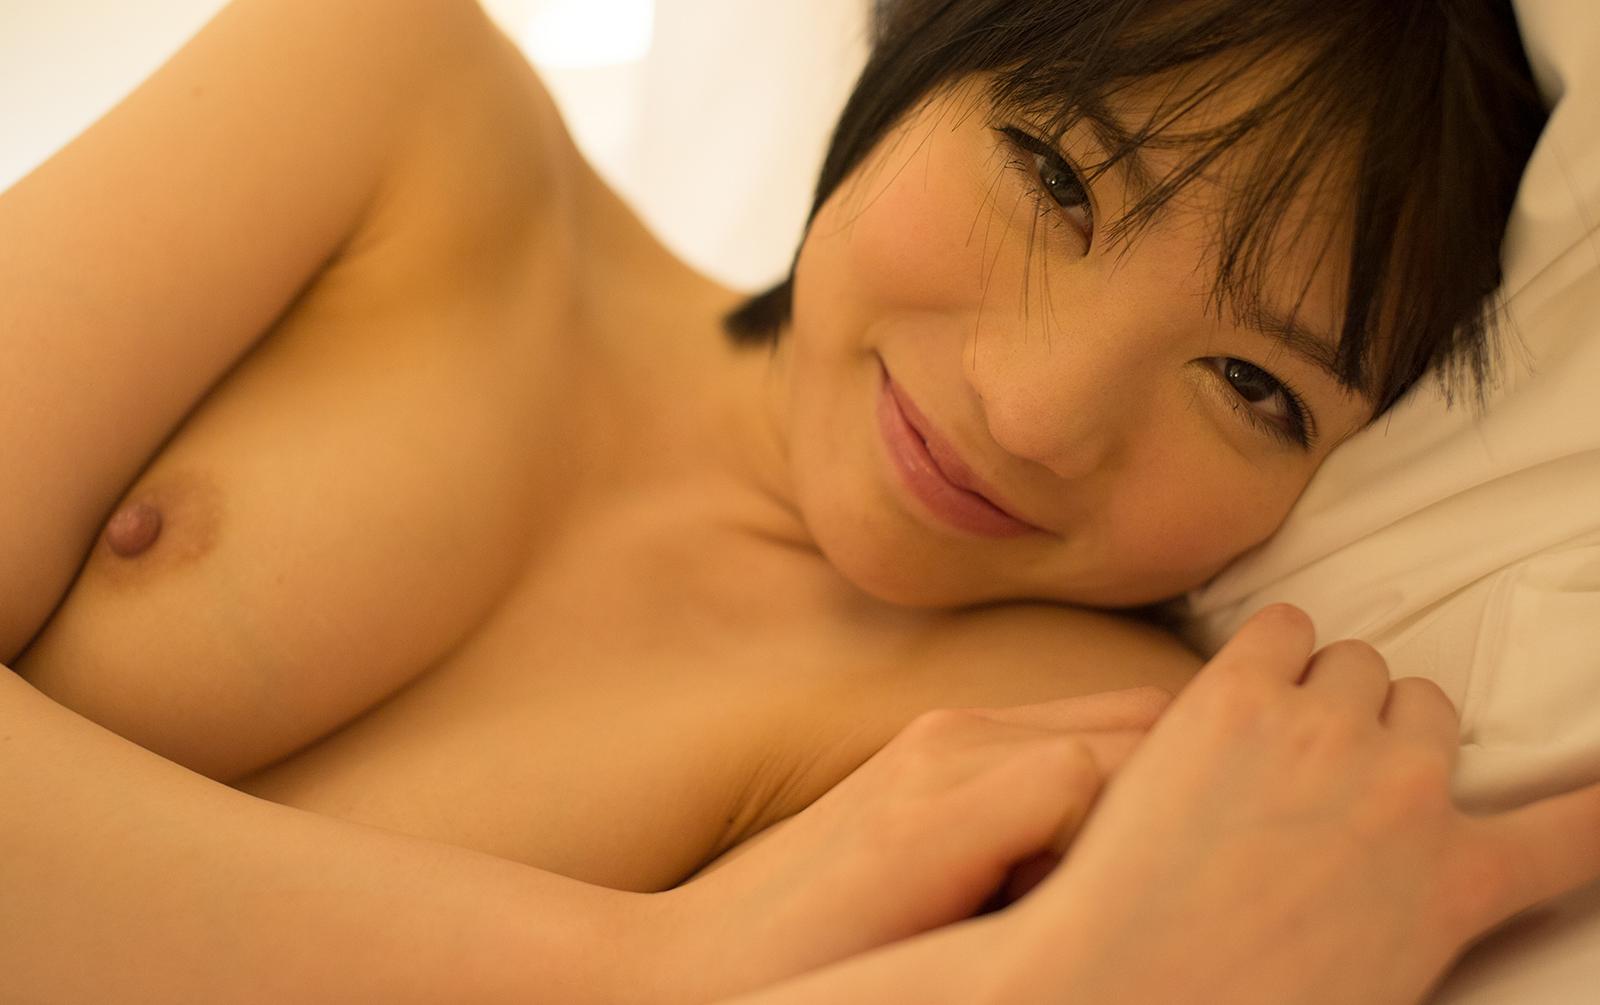 鈴村あいり 画像 82